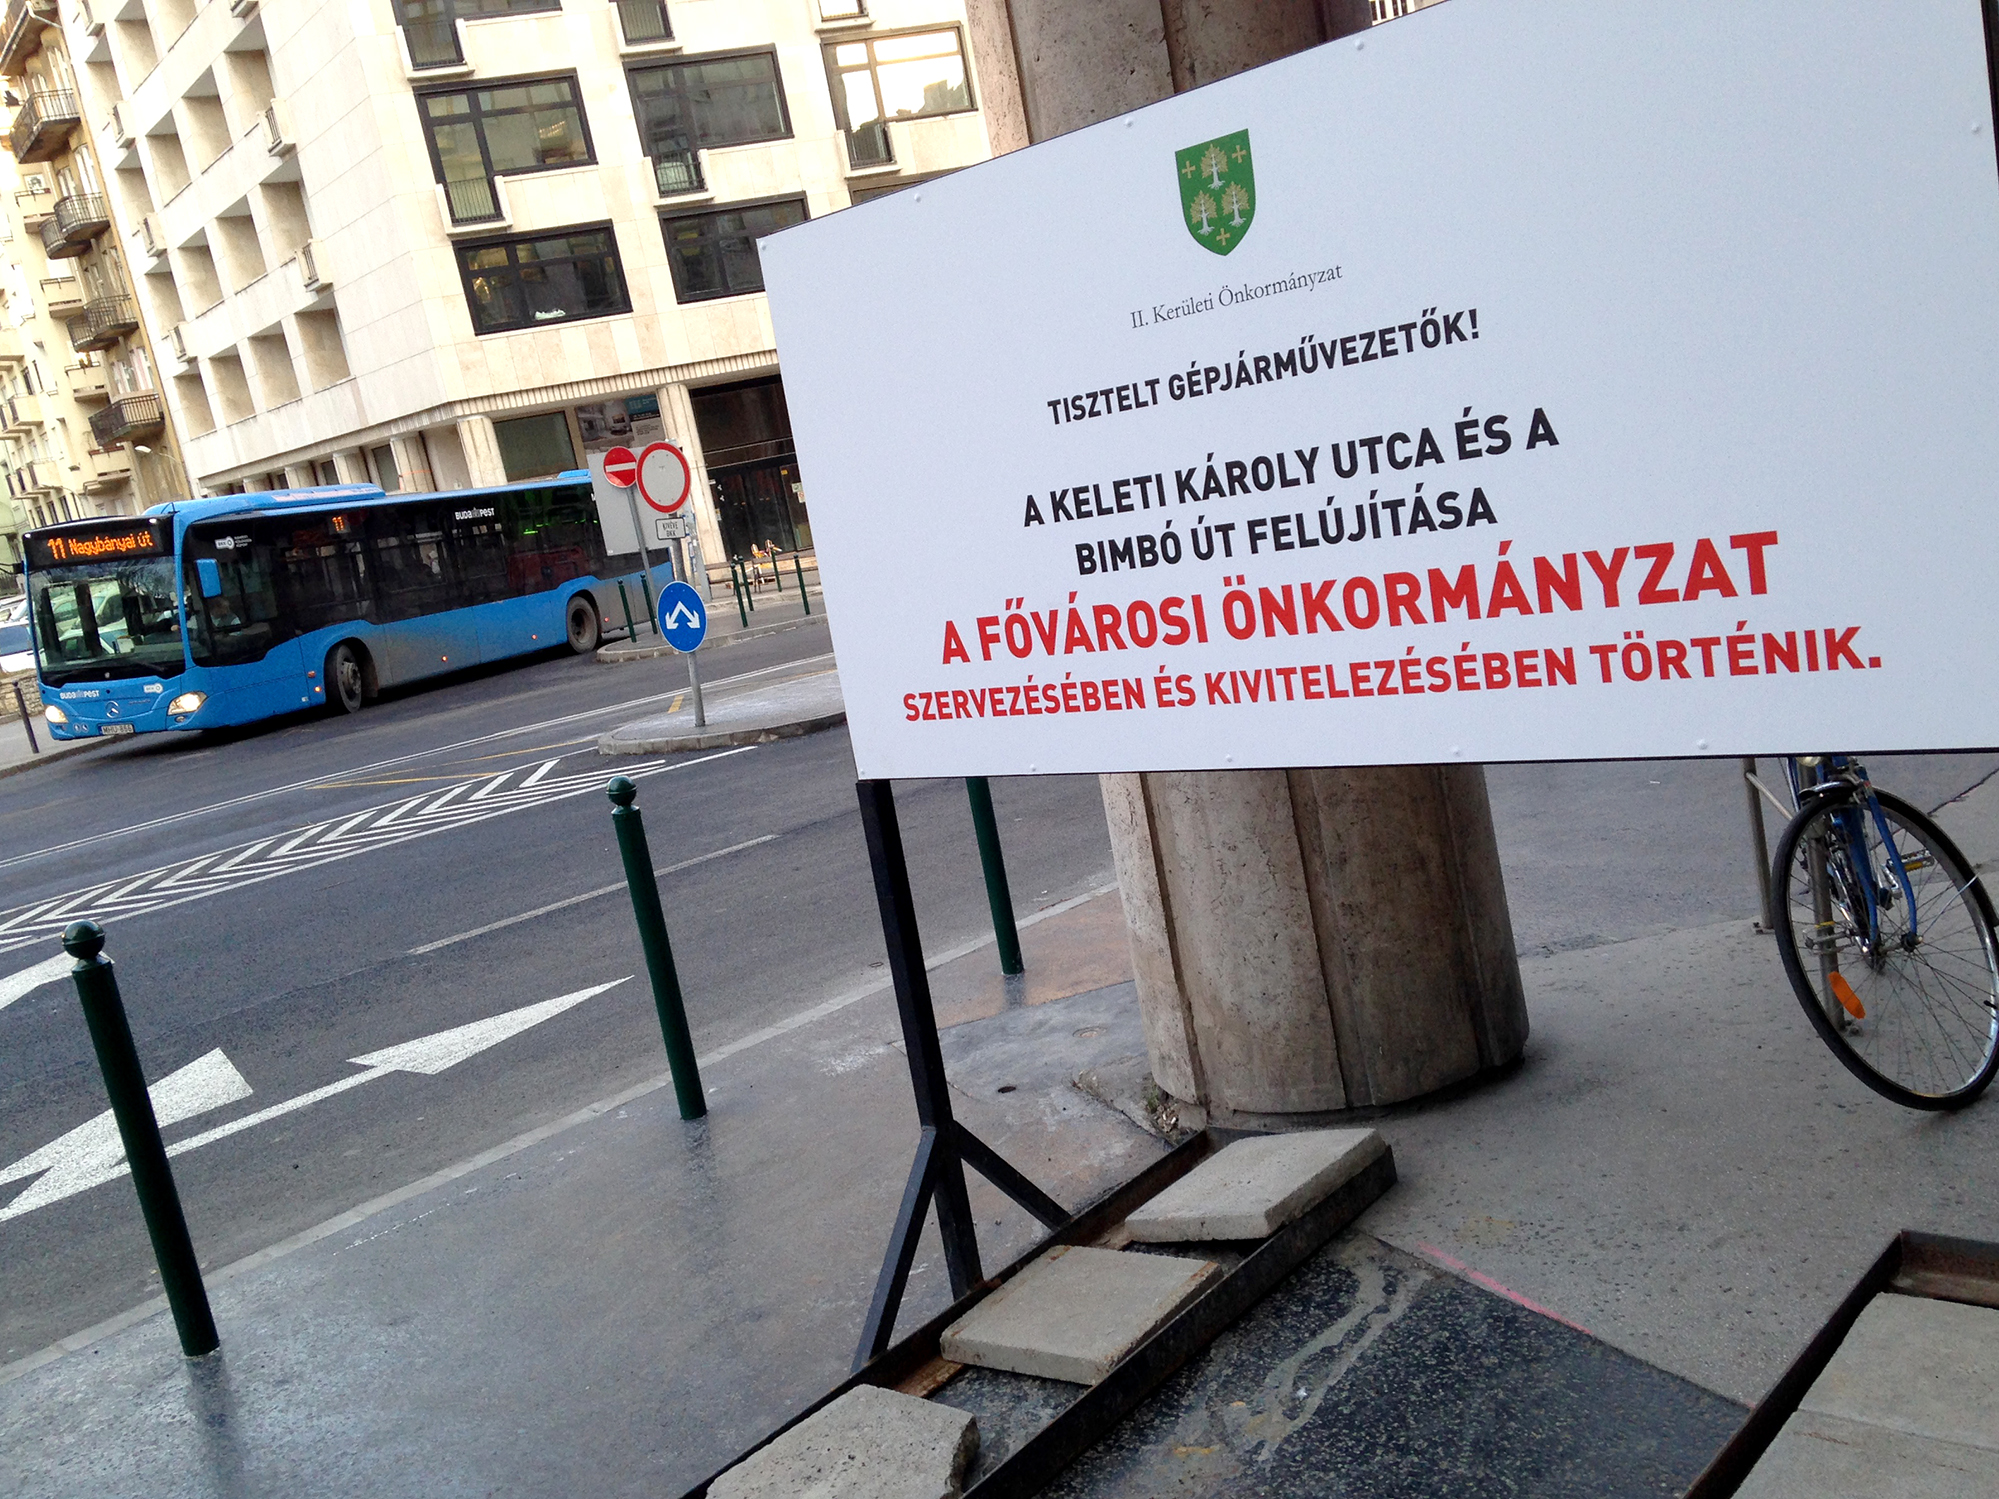 """Kint felejtette az önkormányzat a """"nem mi voltunk"""" táblát a felújított Bimbó út mellett"""